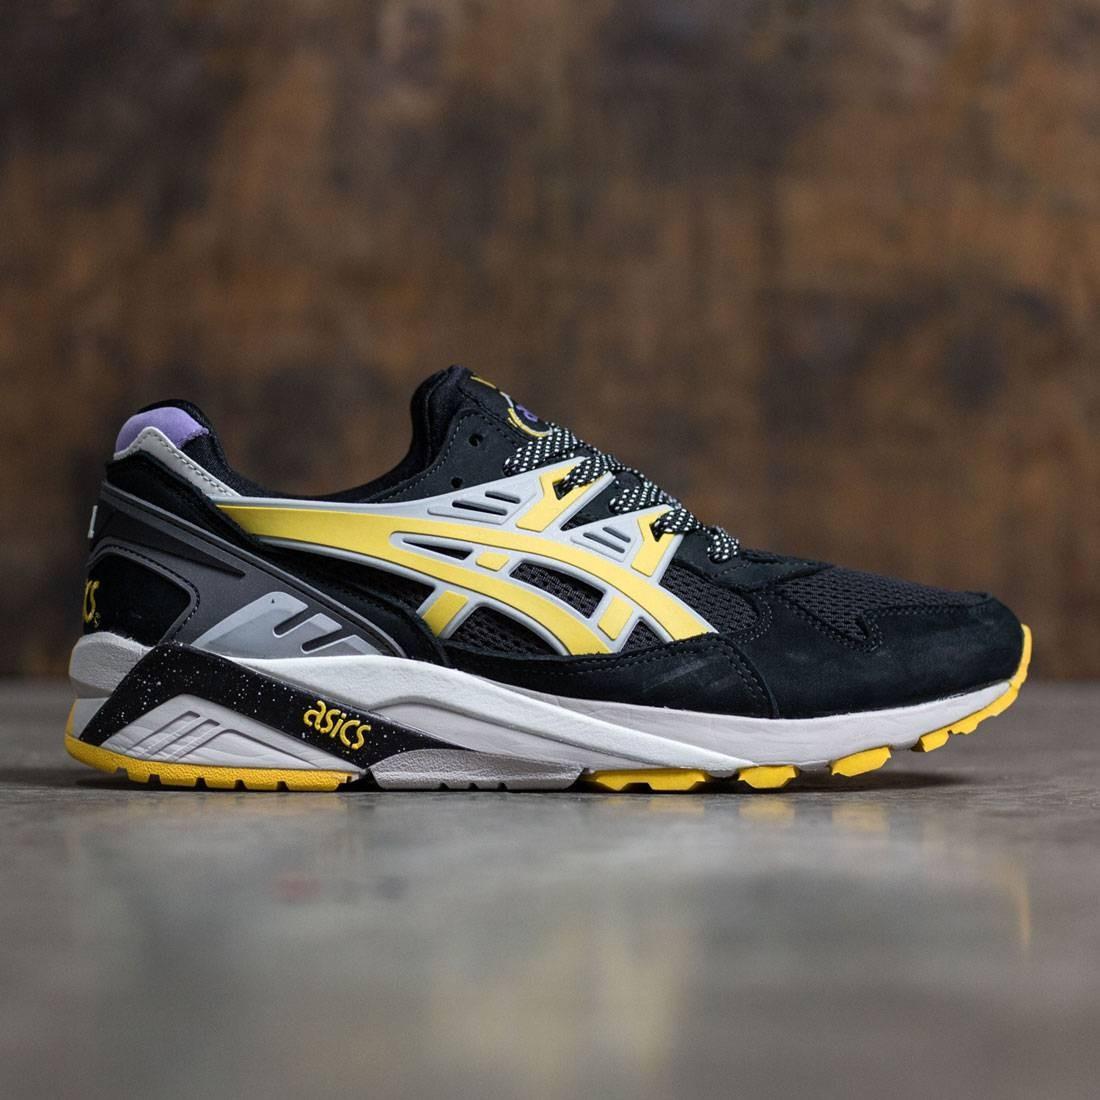 【海外限定】アシックス トレーナー 靴 メンズ靴 【 ASICS X SNEAKER FREAKER MEN GELKAYANO TRAINER MELVIN BLACK YELLOW 】